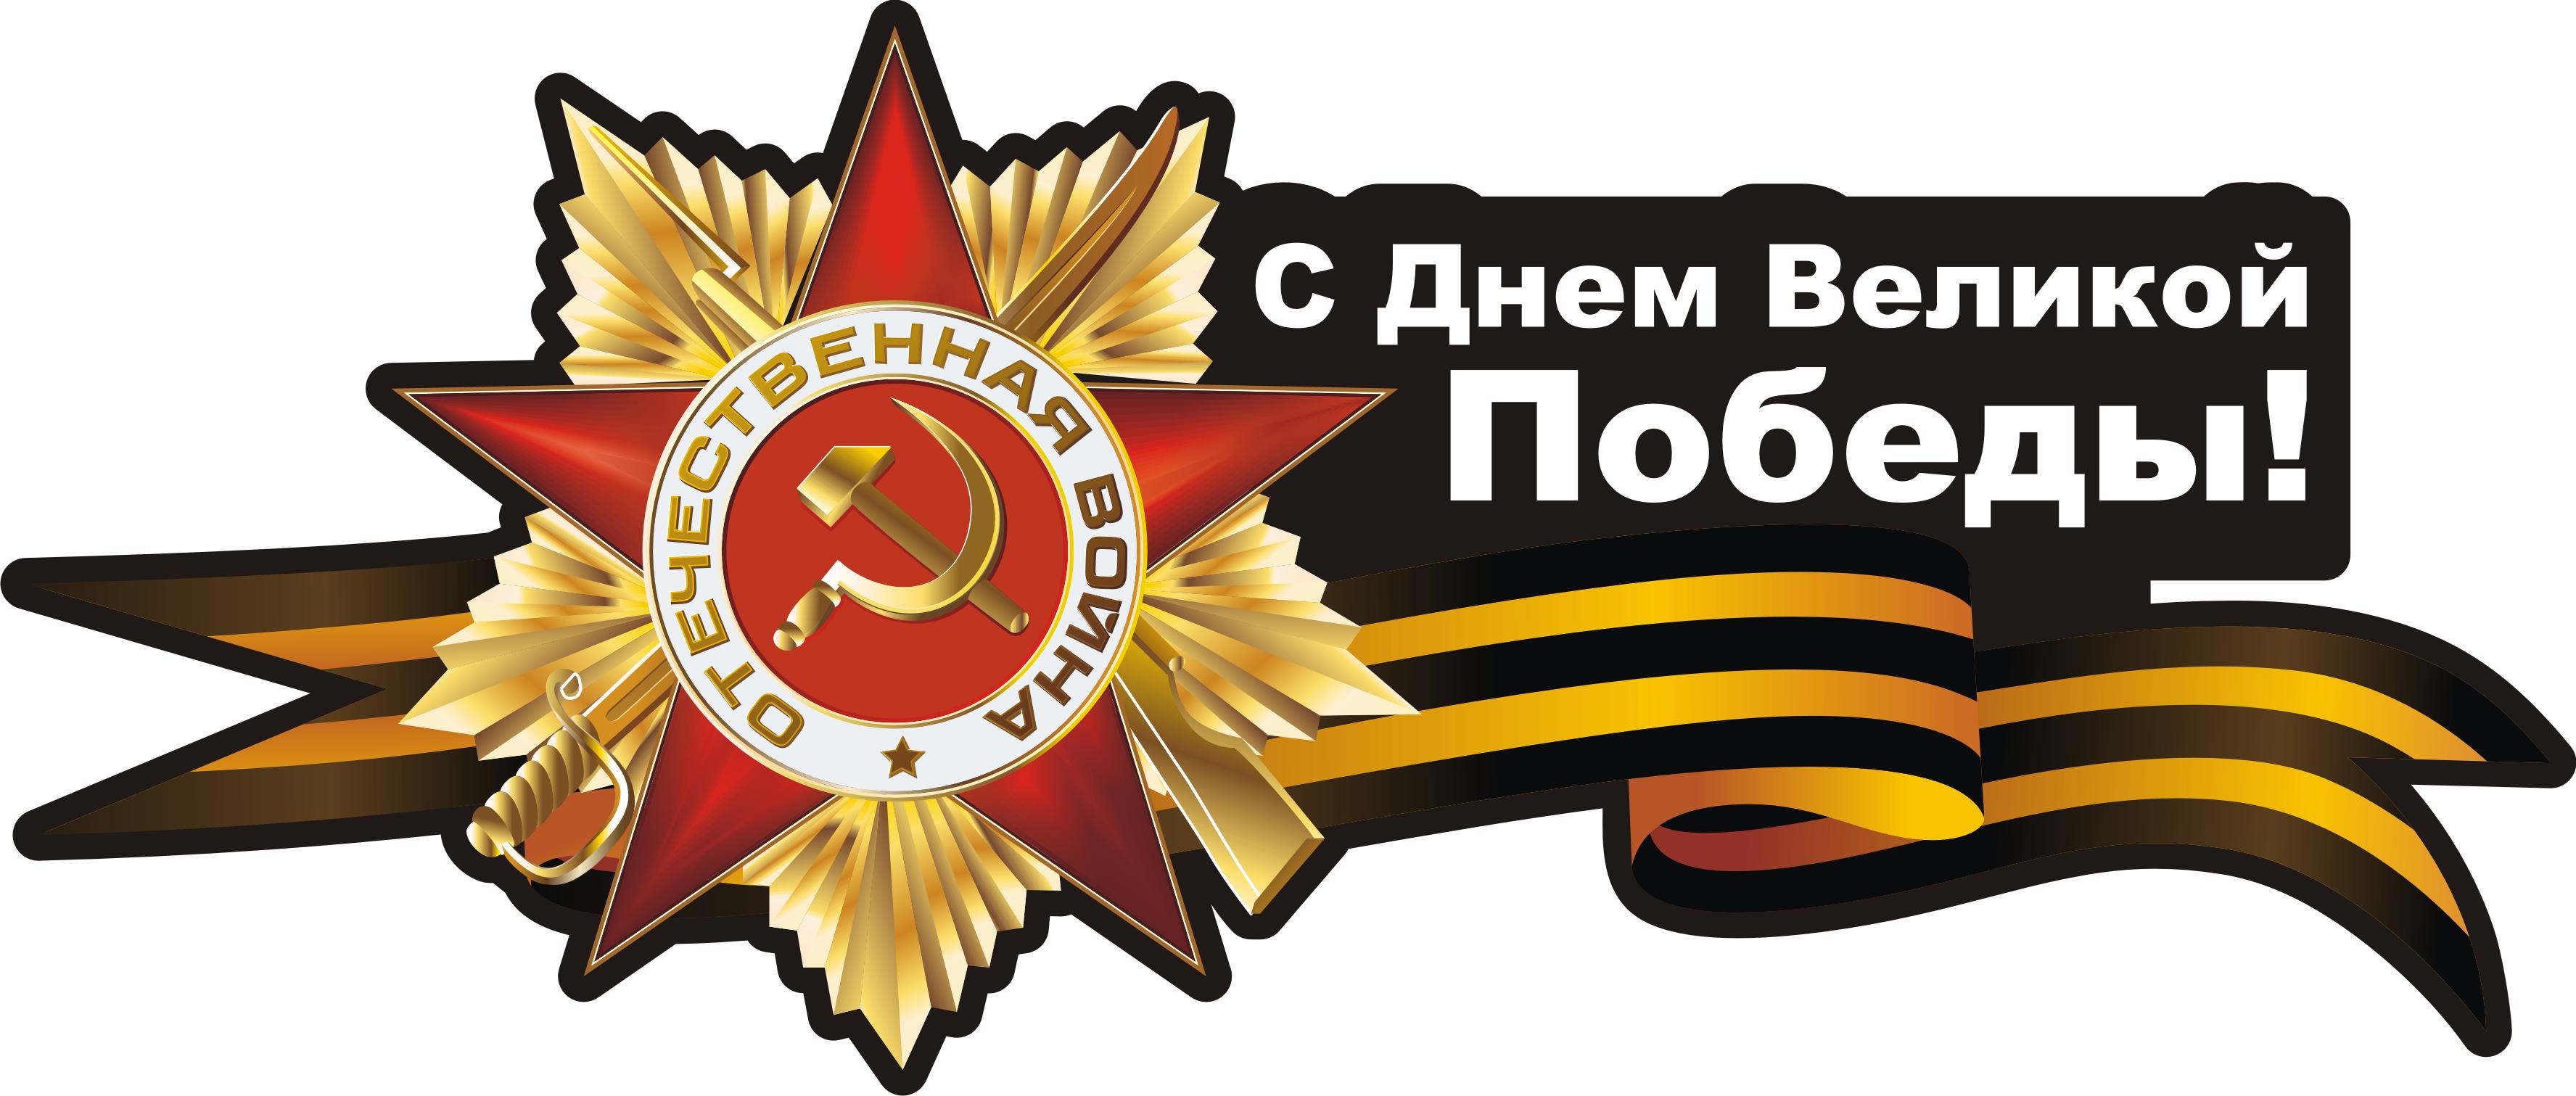 http://vizitochka.biz/wp-content/uploads/2016/04/naklejka-pobedy-v-velikoj.png